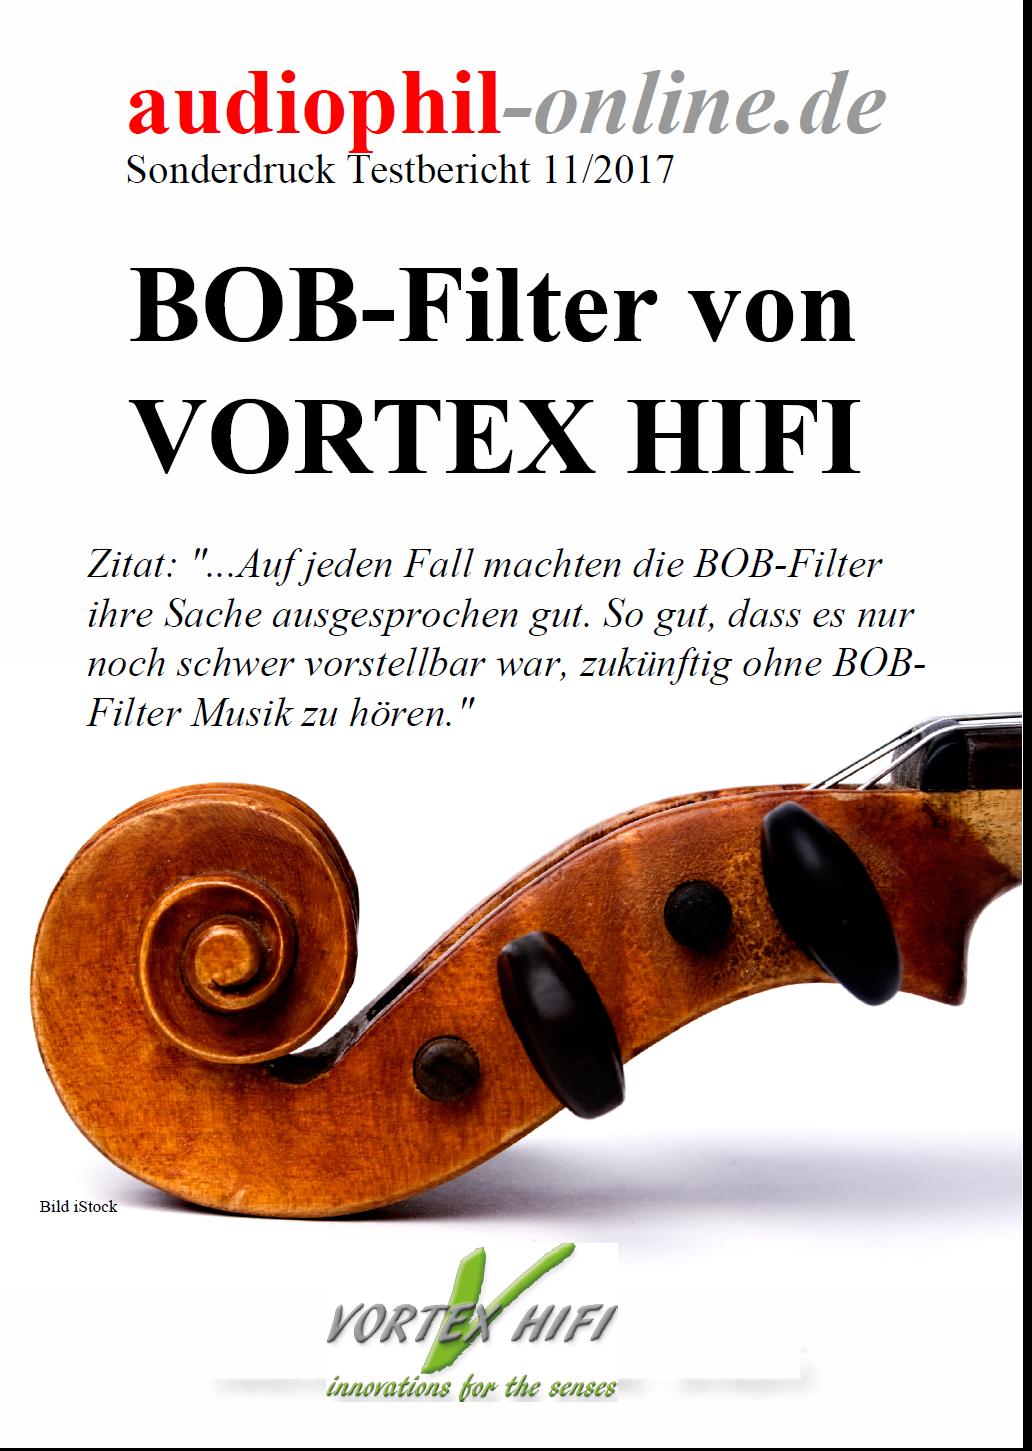 Vortex HiFi Netzfilter in BOB-Technik | VORTEX HIFI